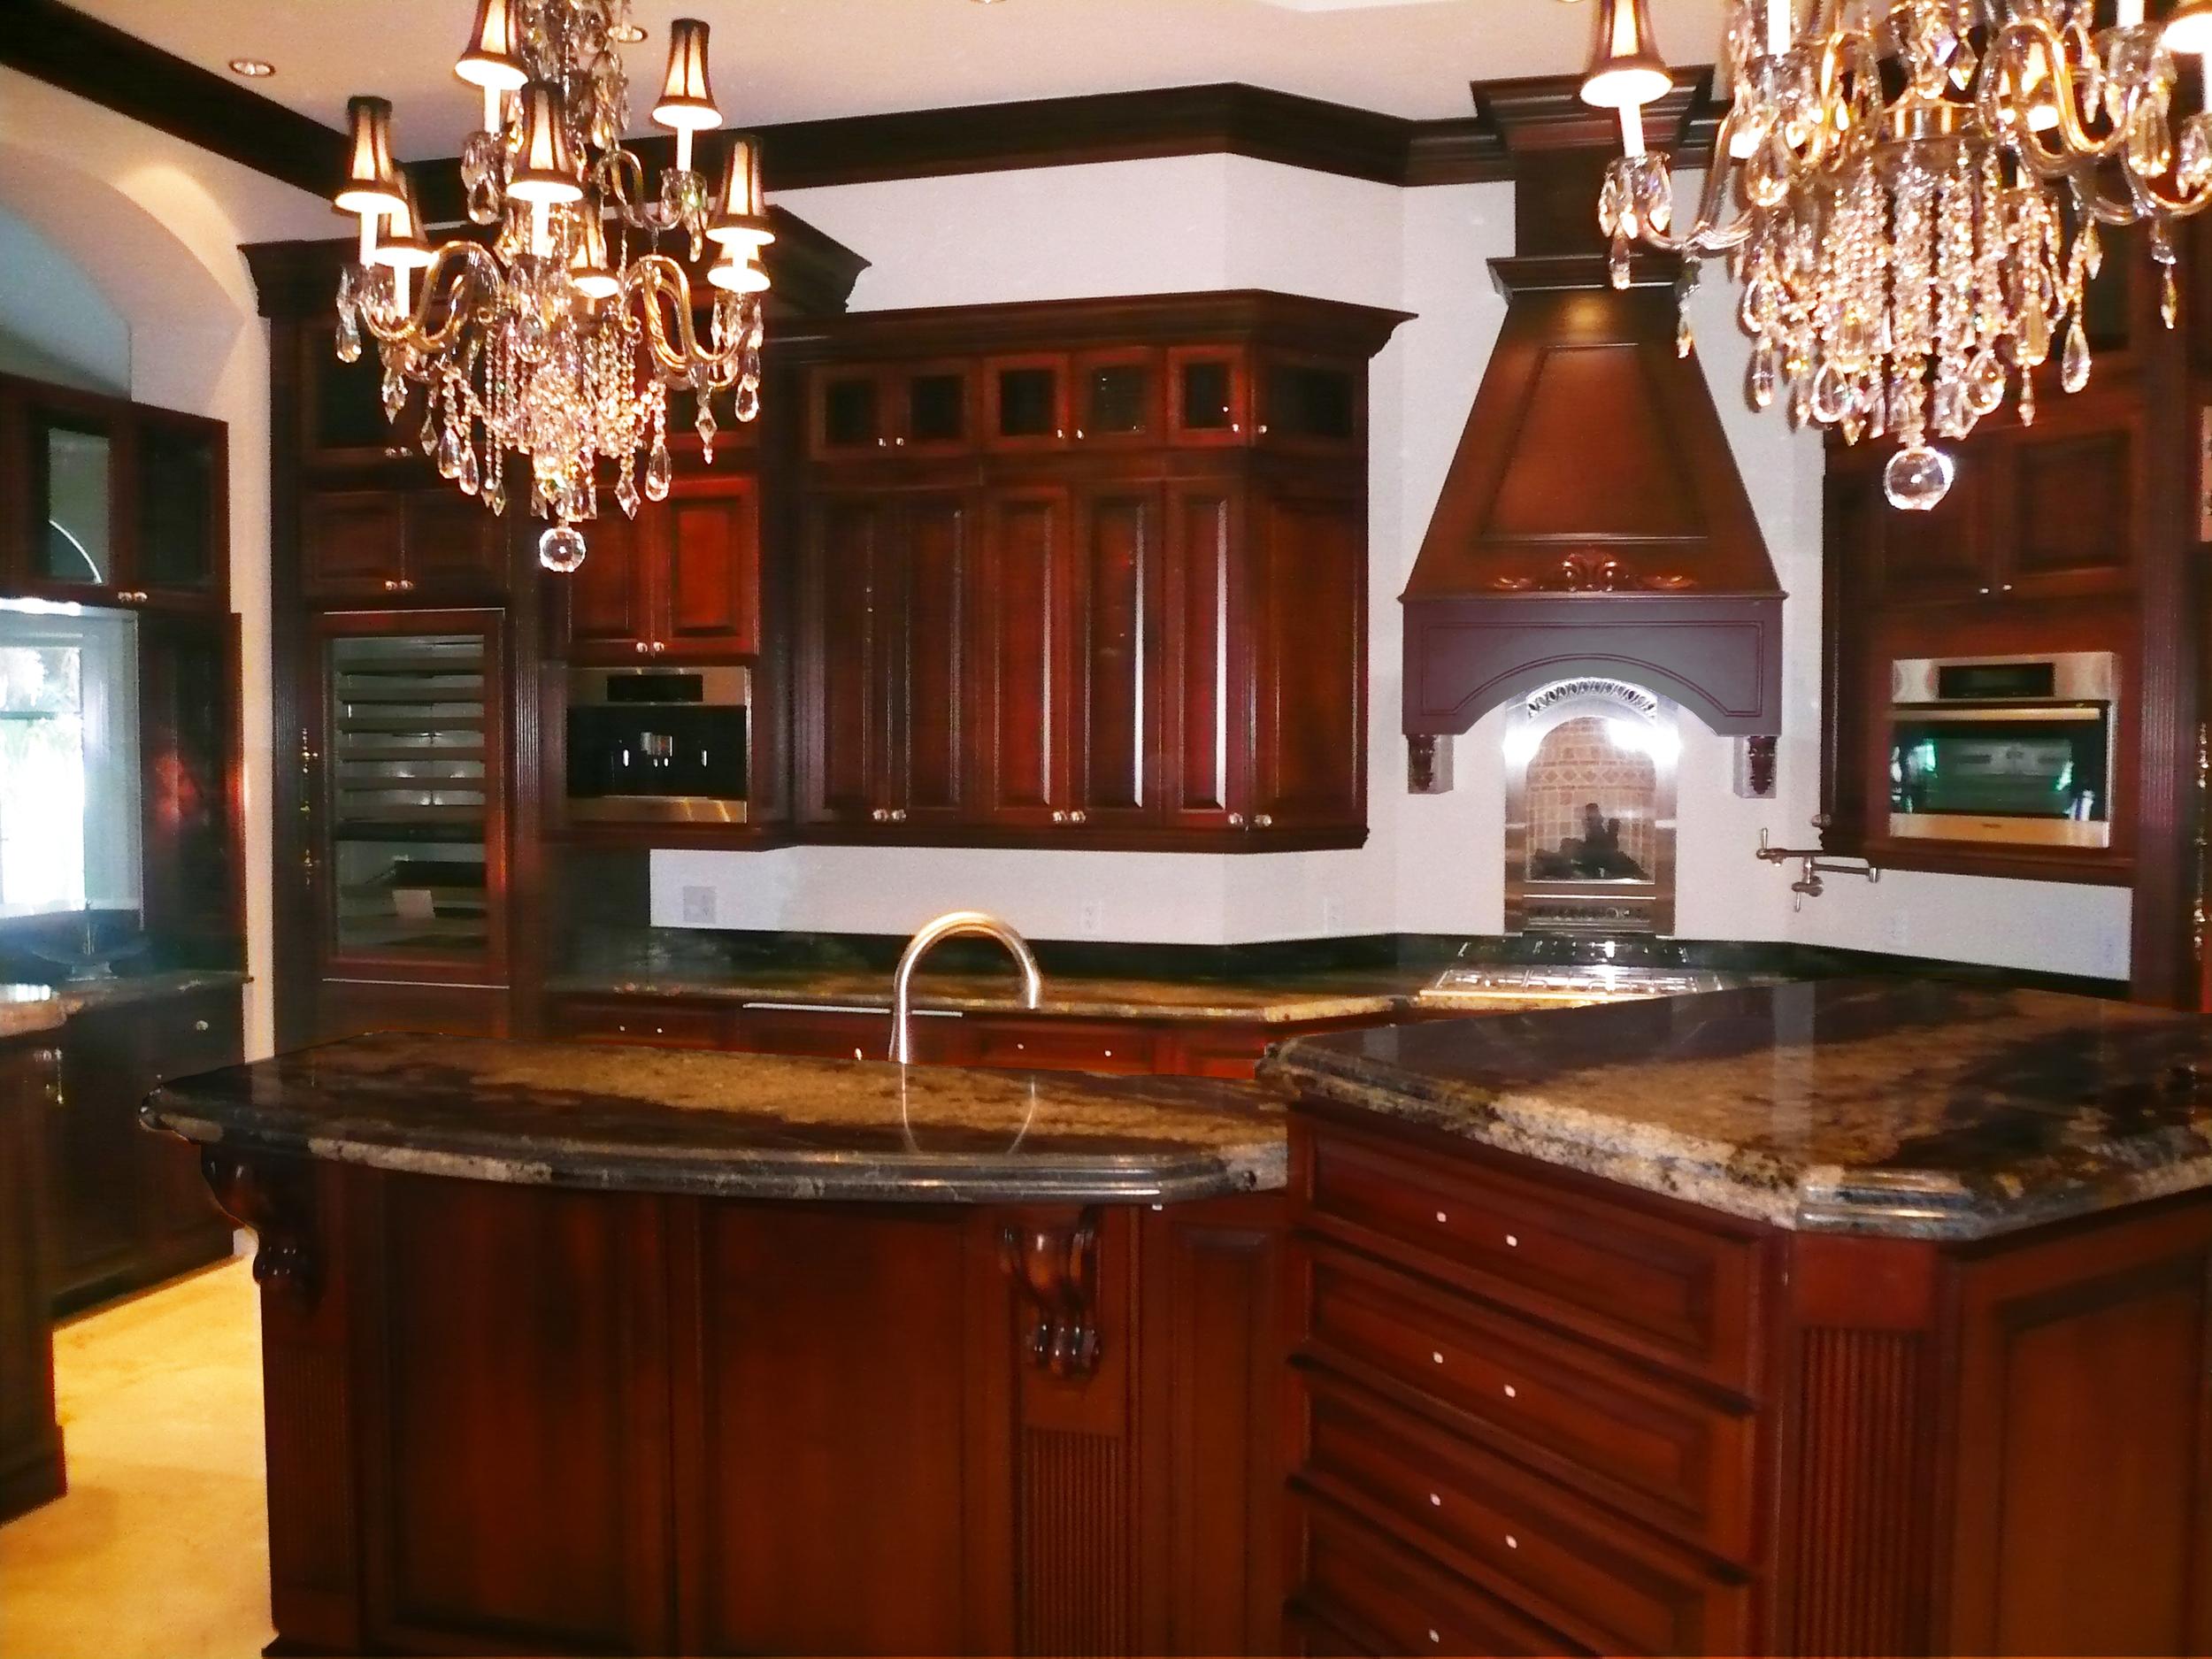 kruezer kitchen.jpg